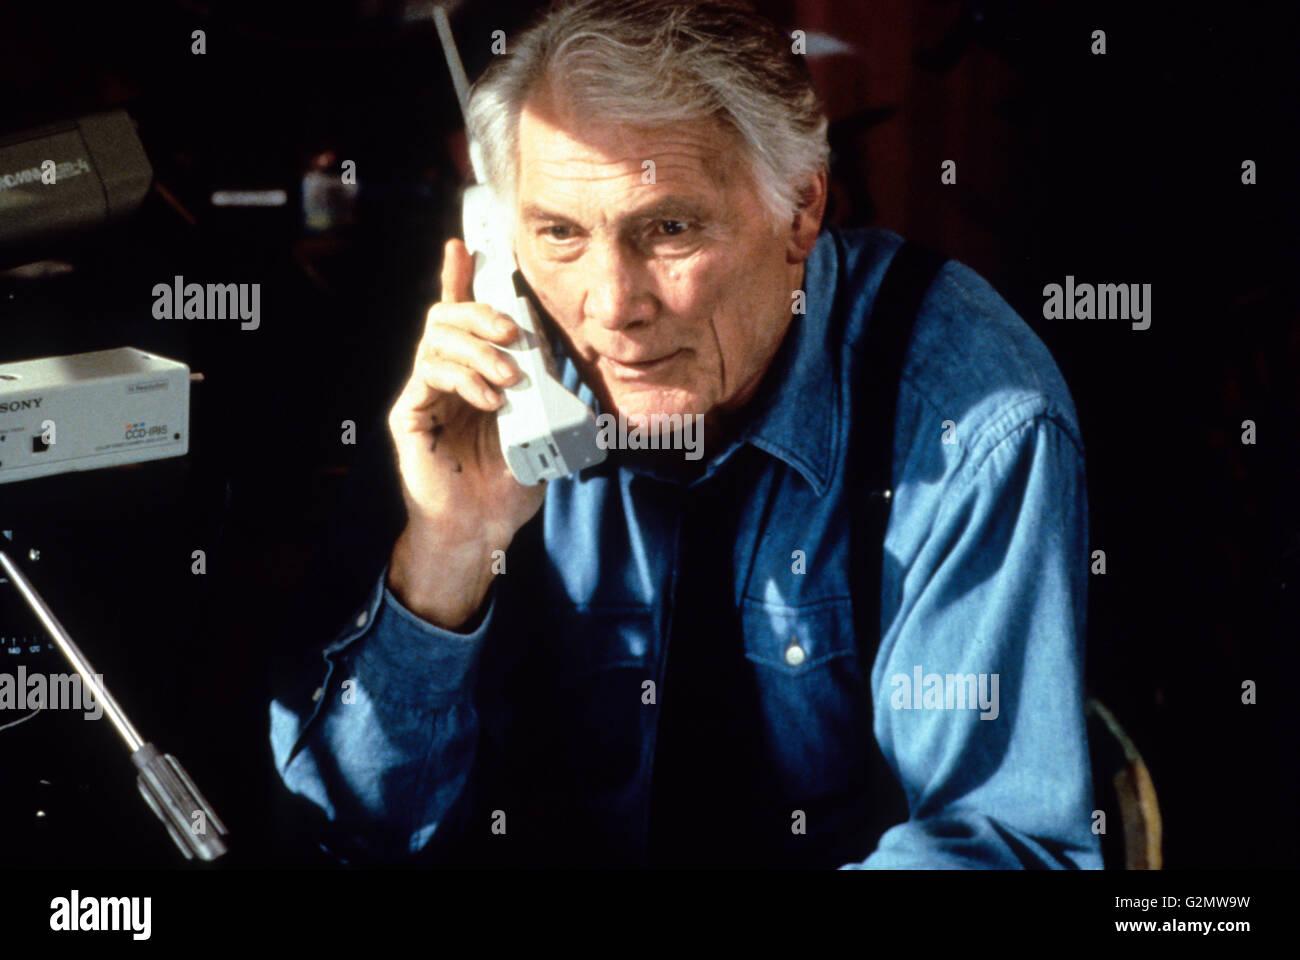 Jack Palance Filmes Minimalist jack palance photos & jack palance images - alamy